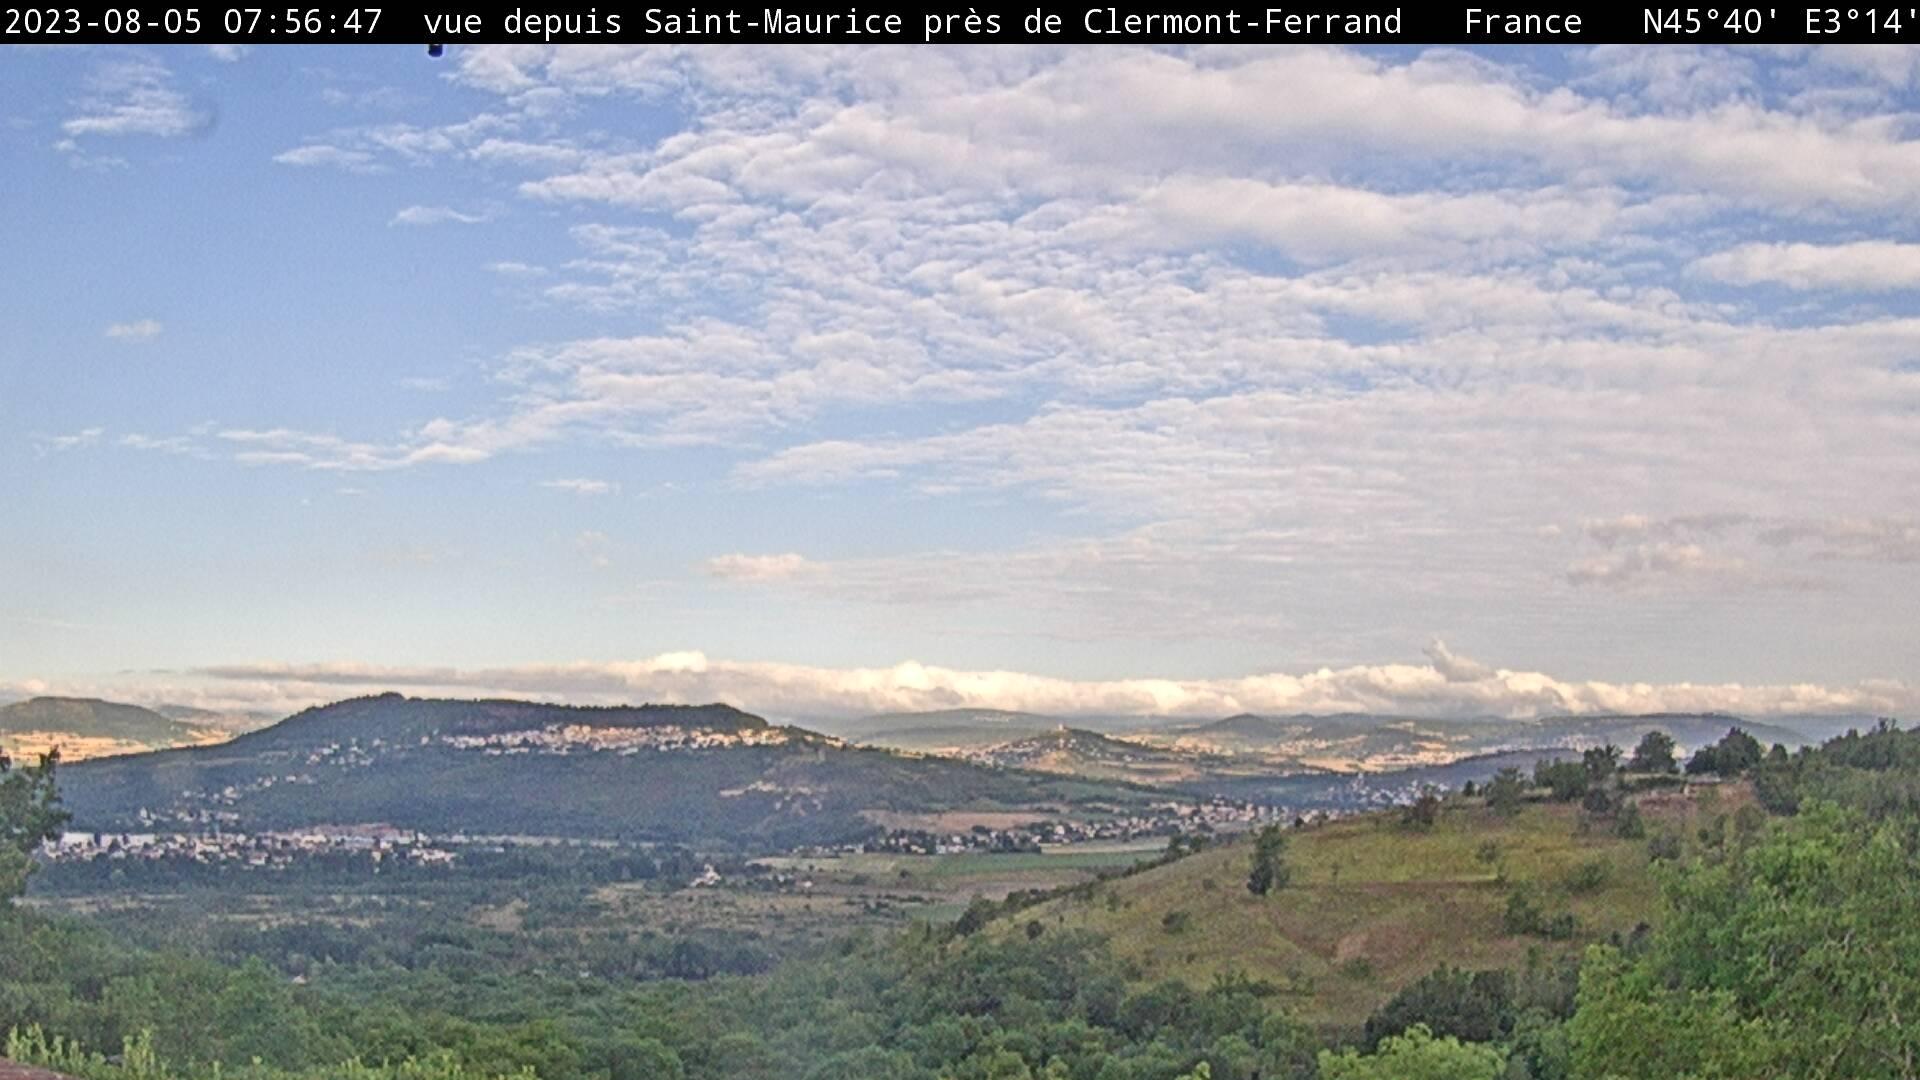 Saint-Maurice Sun. 07:57